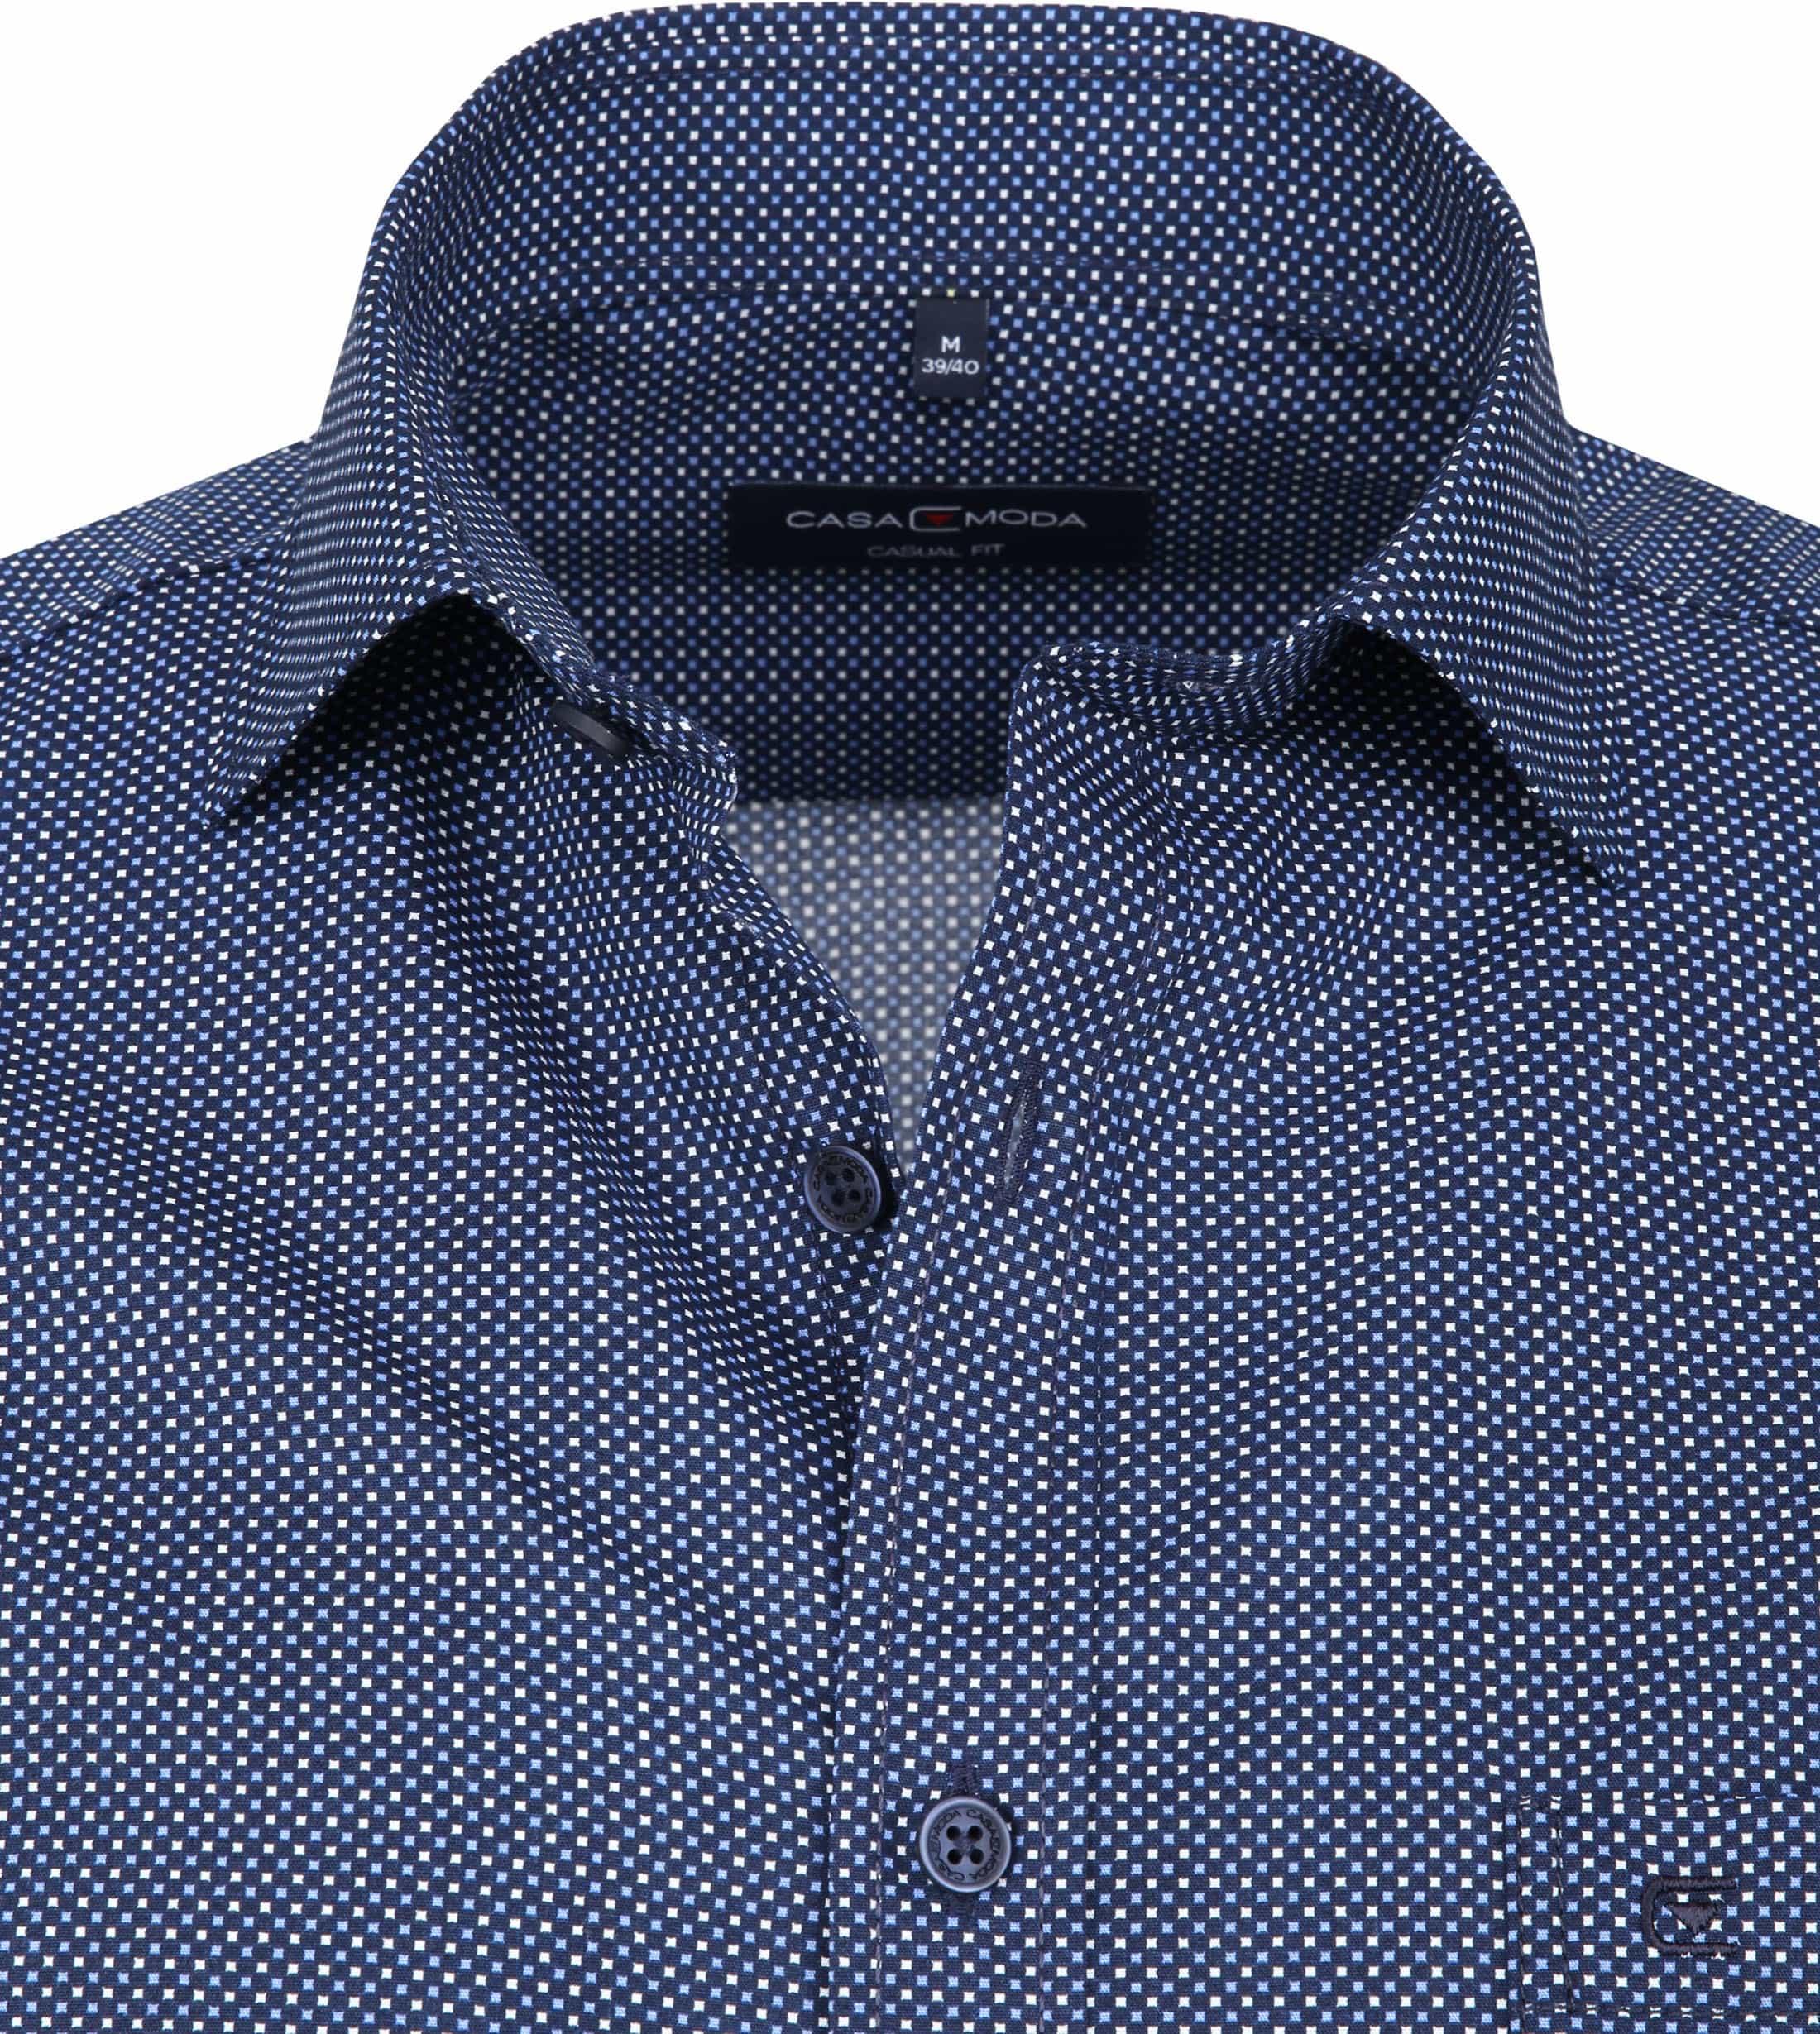 Casa Moda Overhemd Navy Vierkanten foto 1